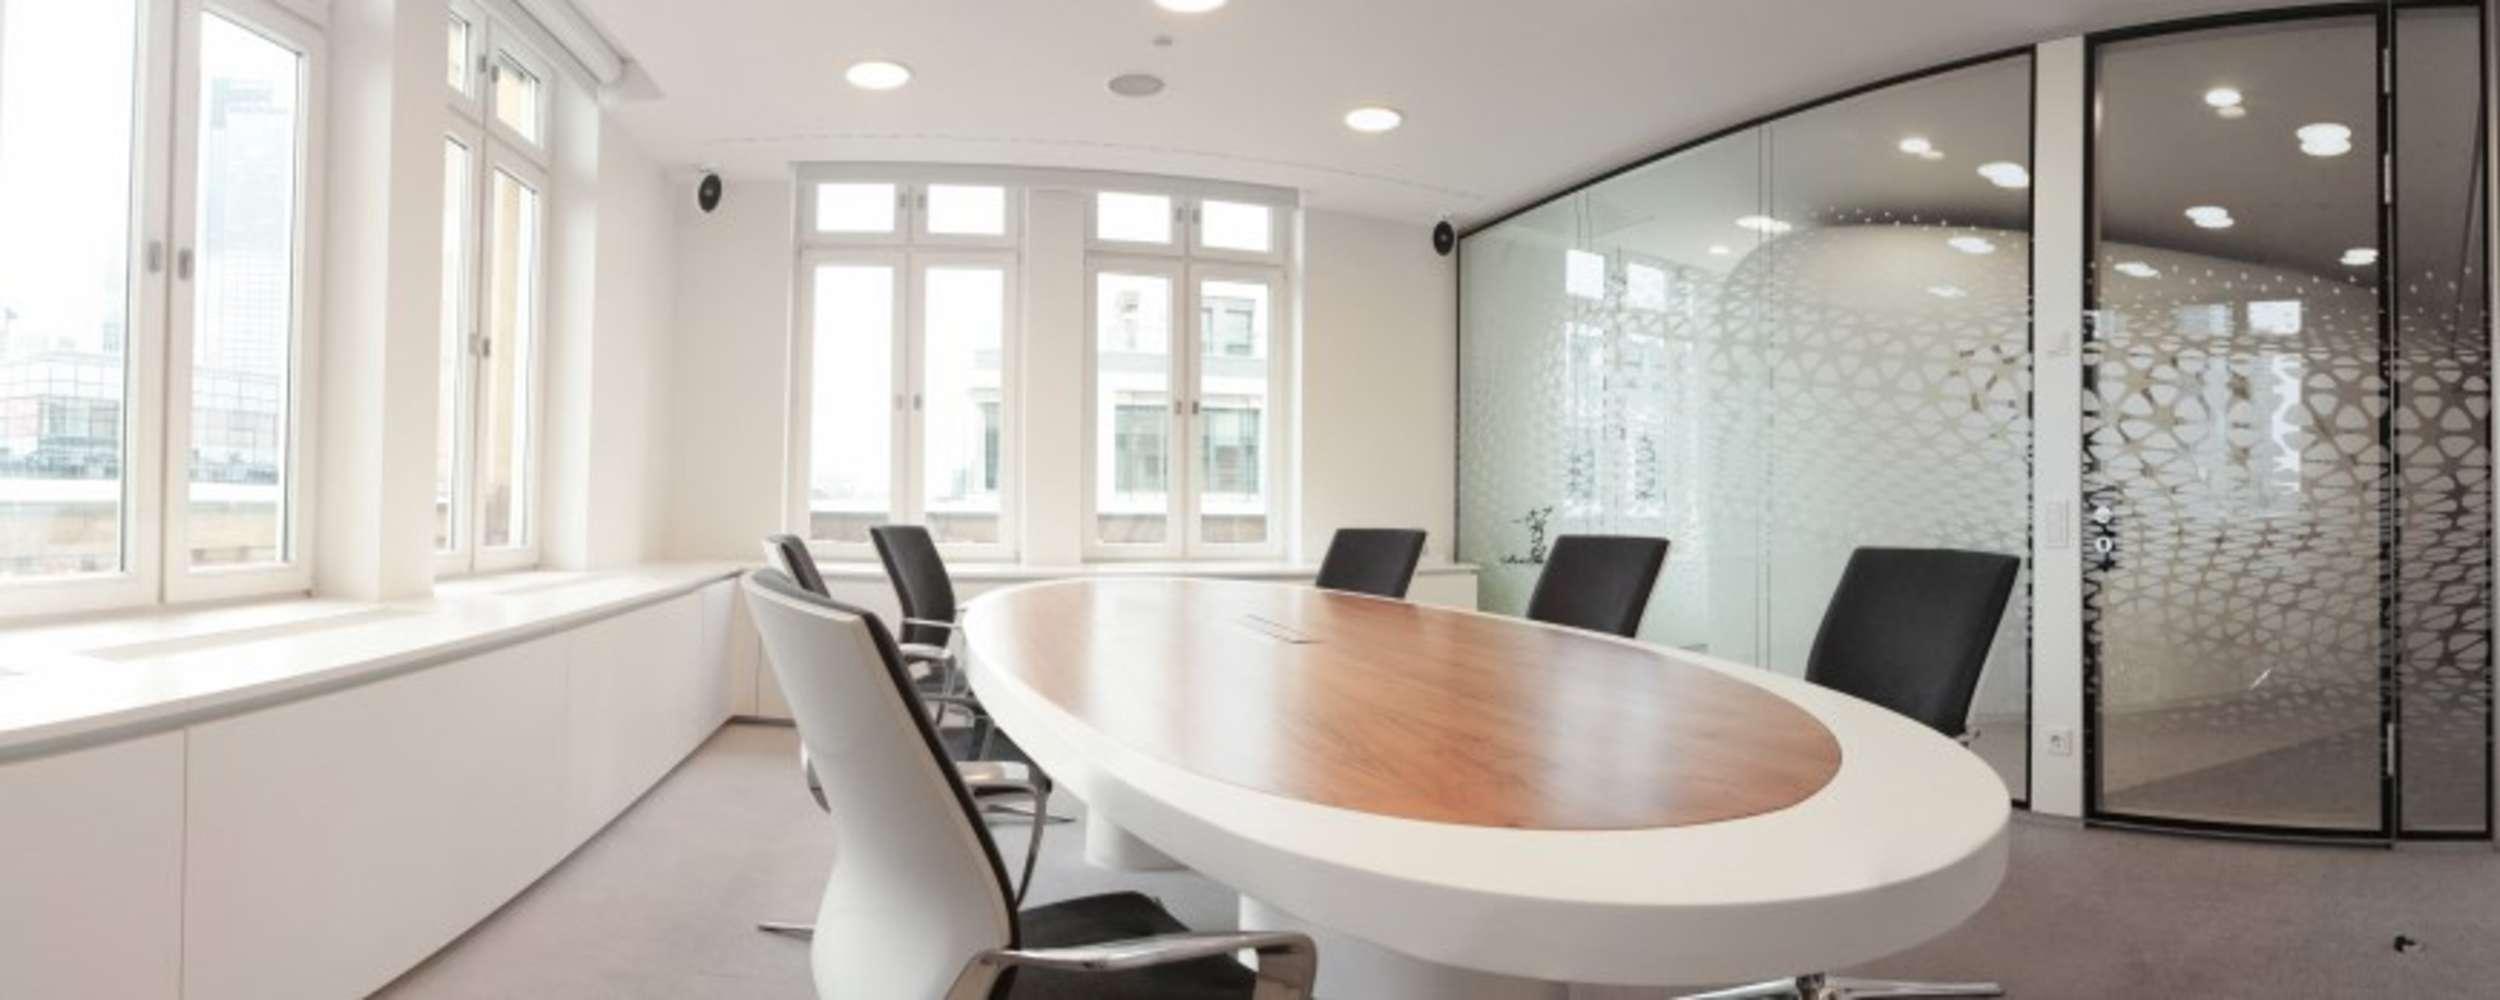 Büros Frankfurt am main, 60313 - Büro - Frankfurt am Main, Innenstadt - F0773 - 10008324